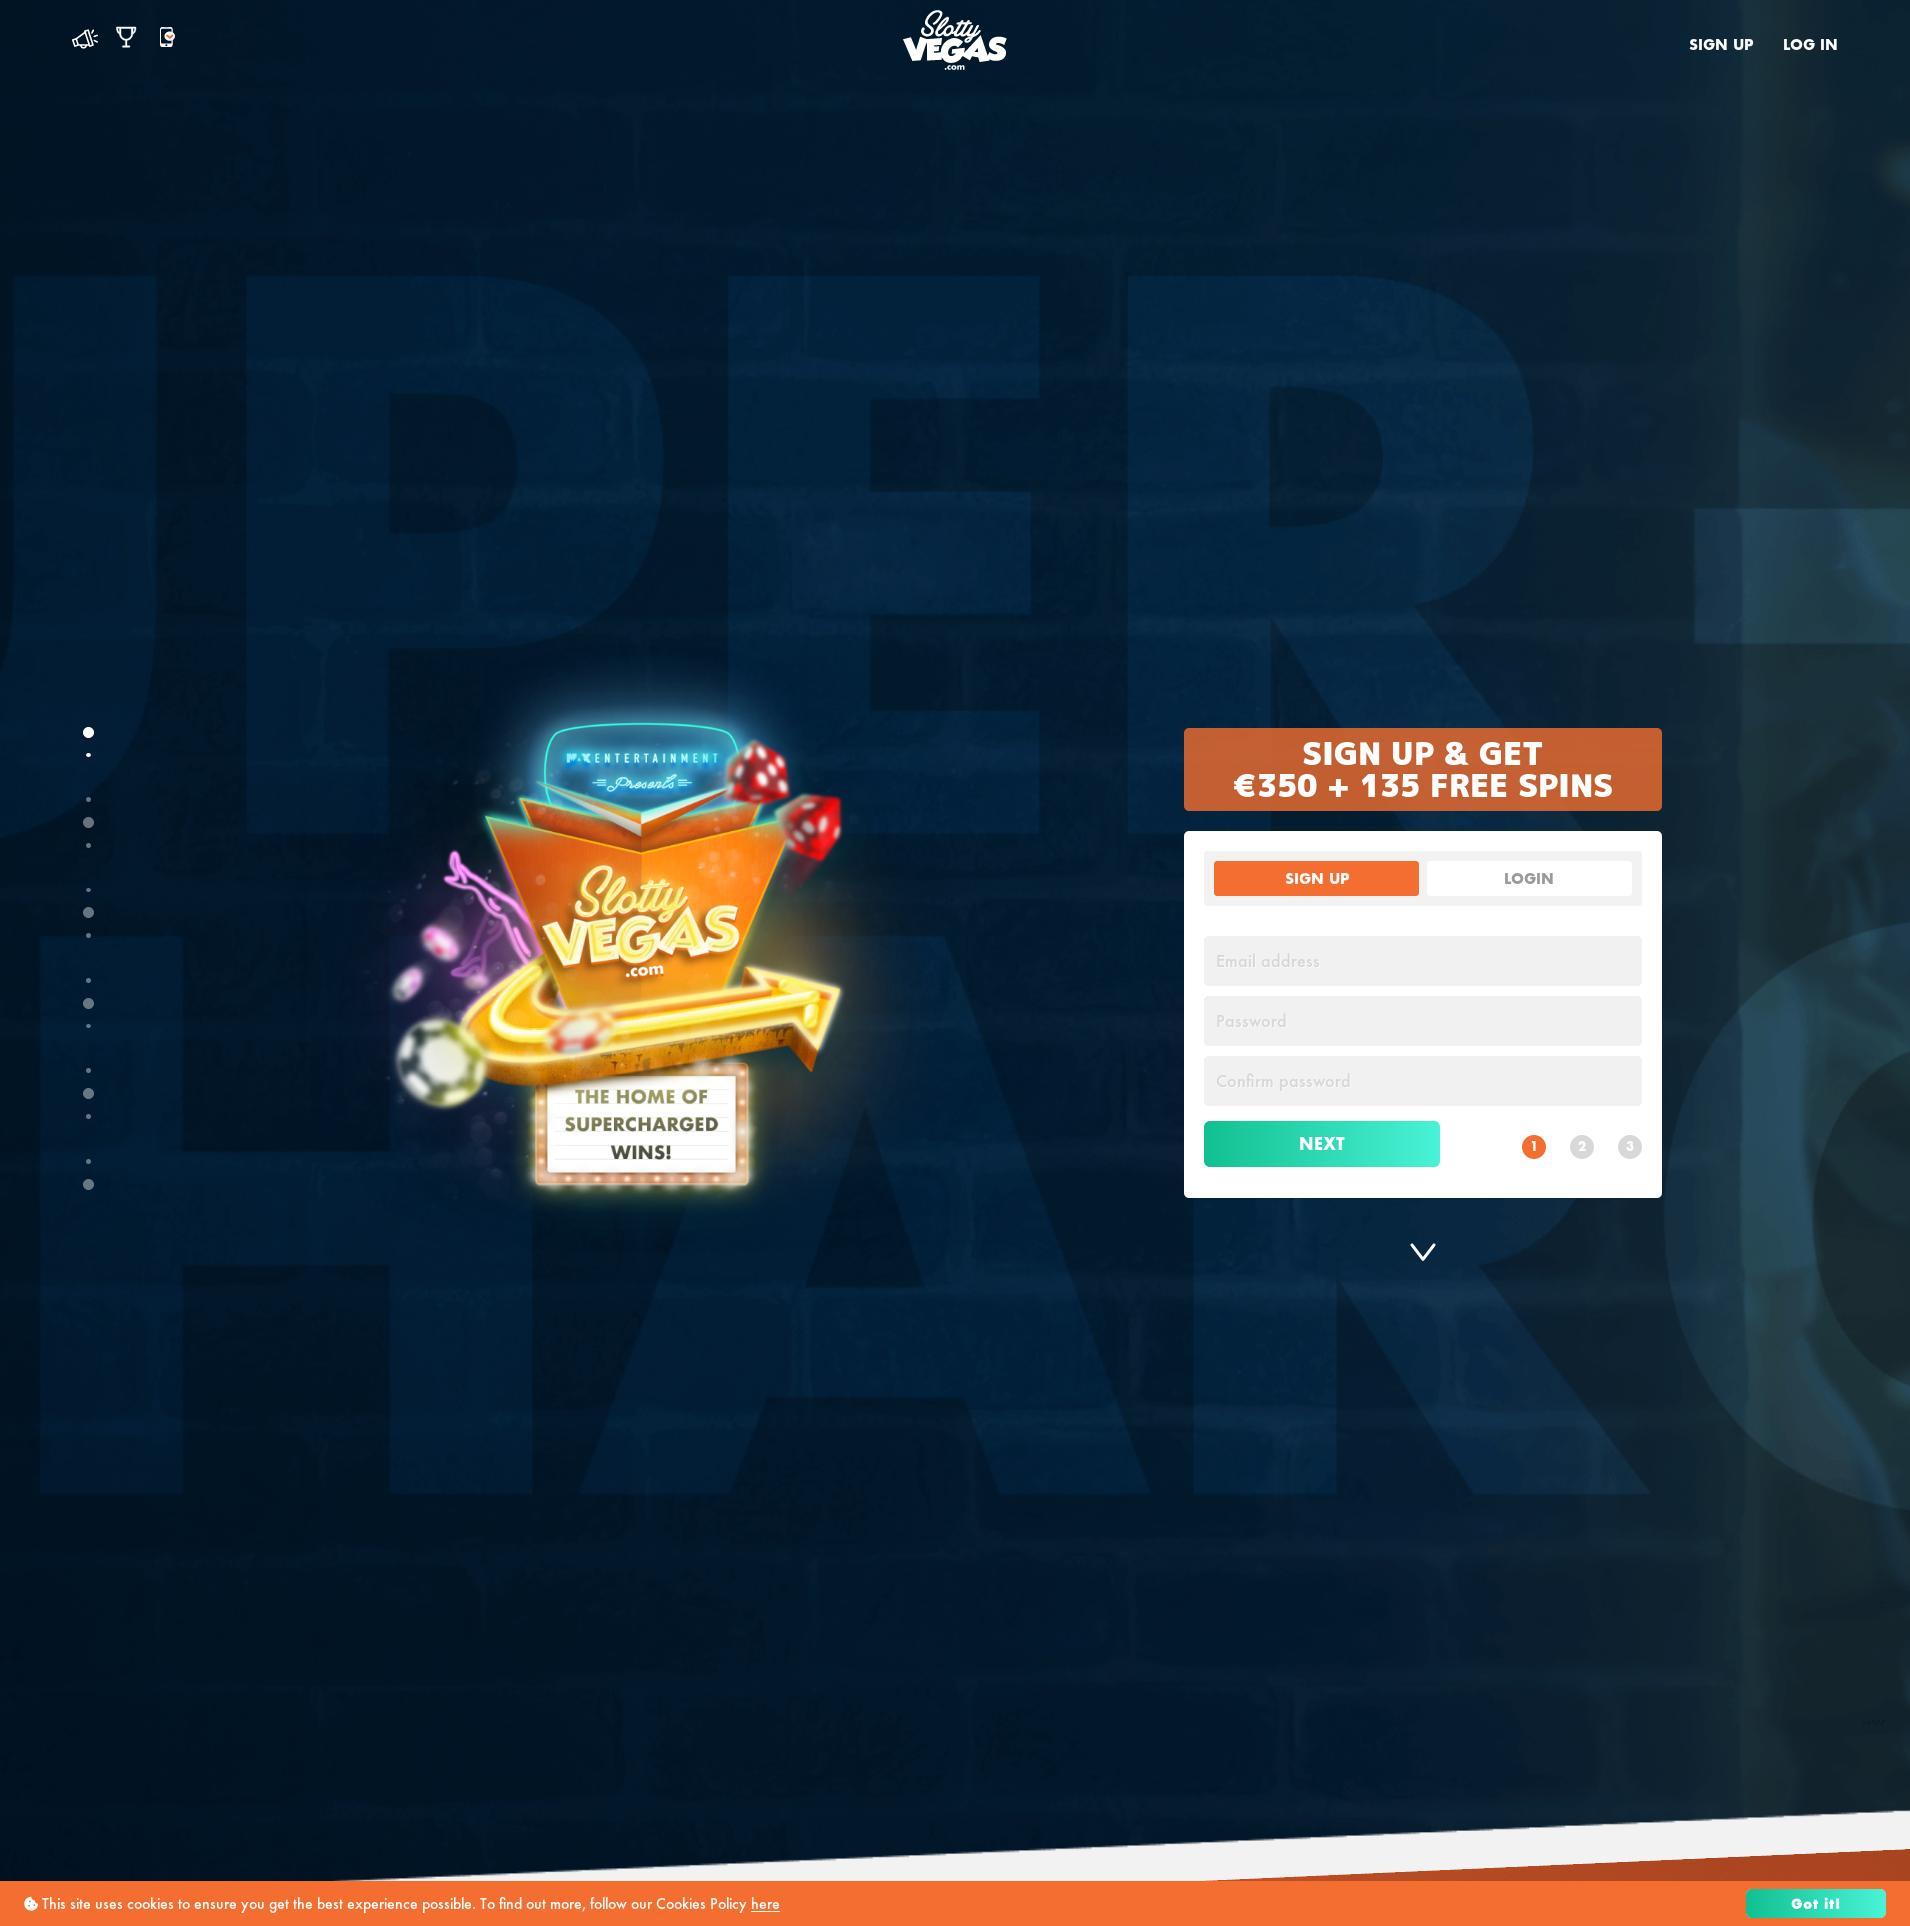 Casino ekranı Lobby 2020-02-27 için Hollanda